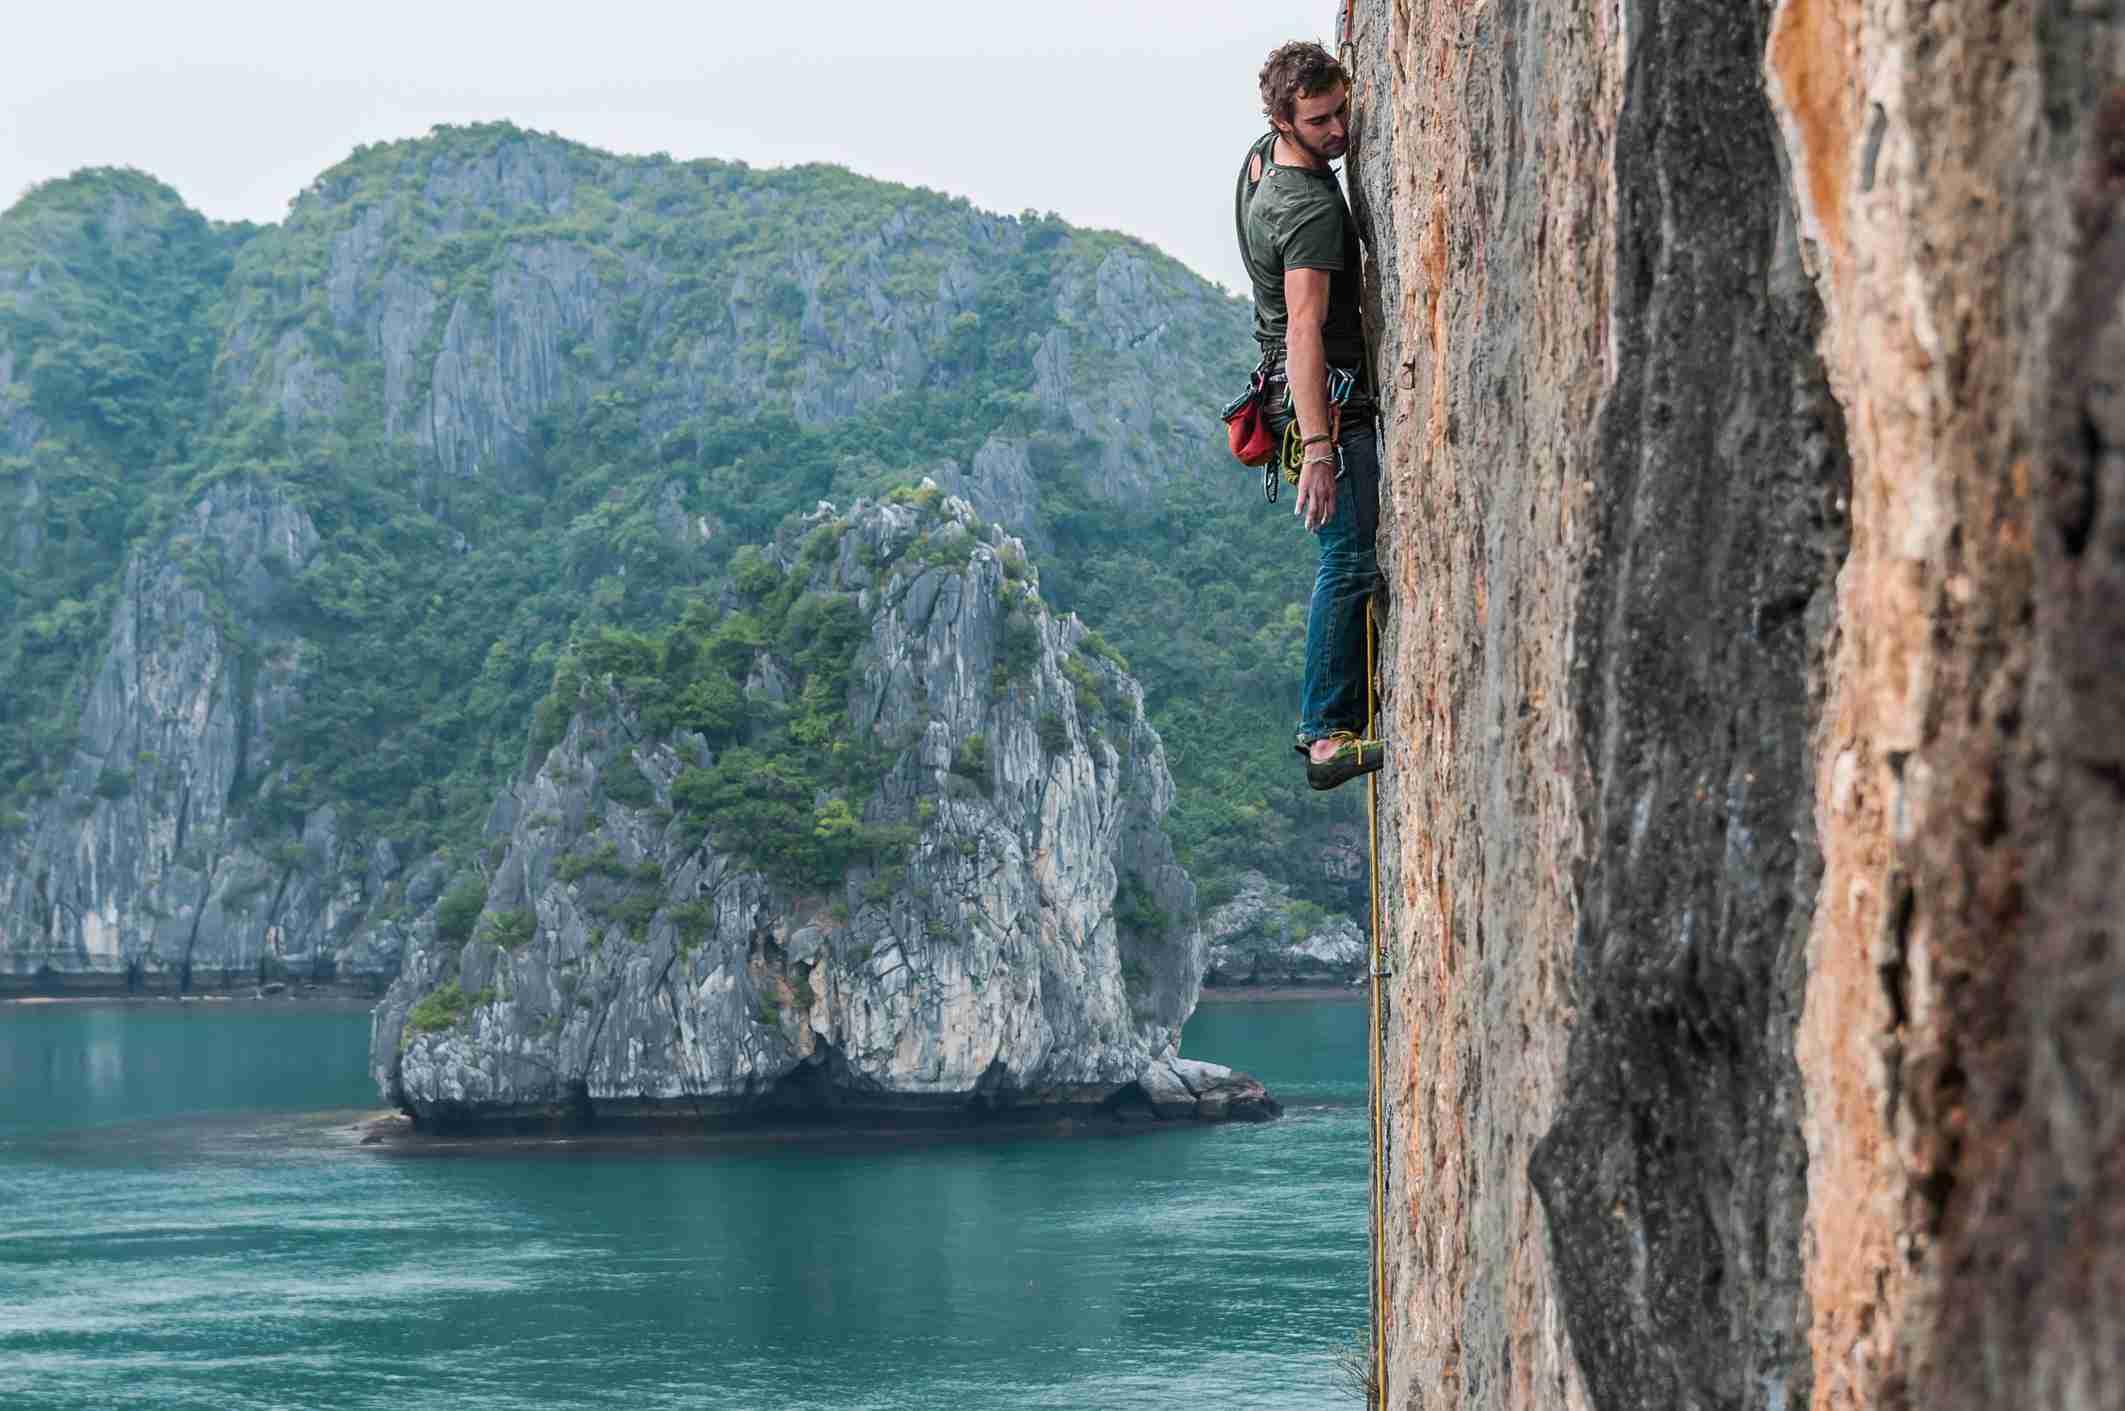 Deepwater soloing climber on Ha Long Bay, Vietnam